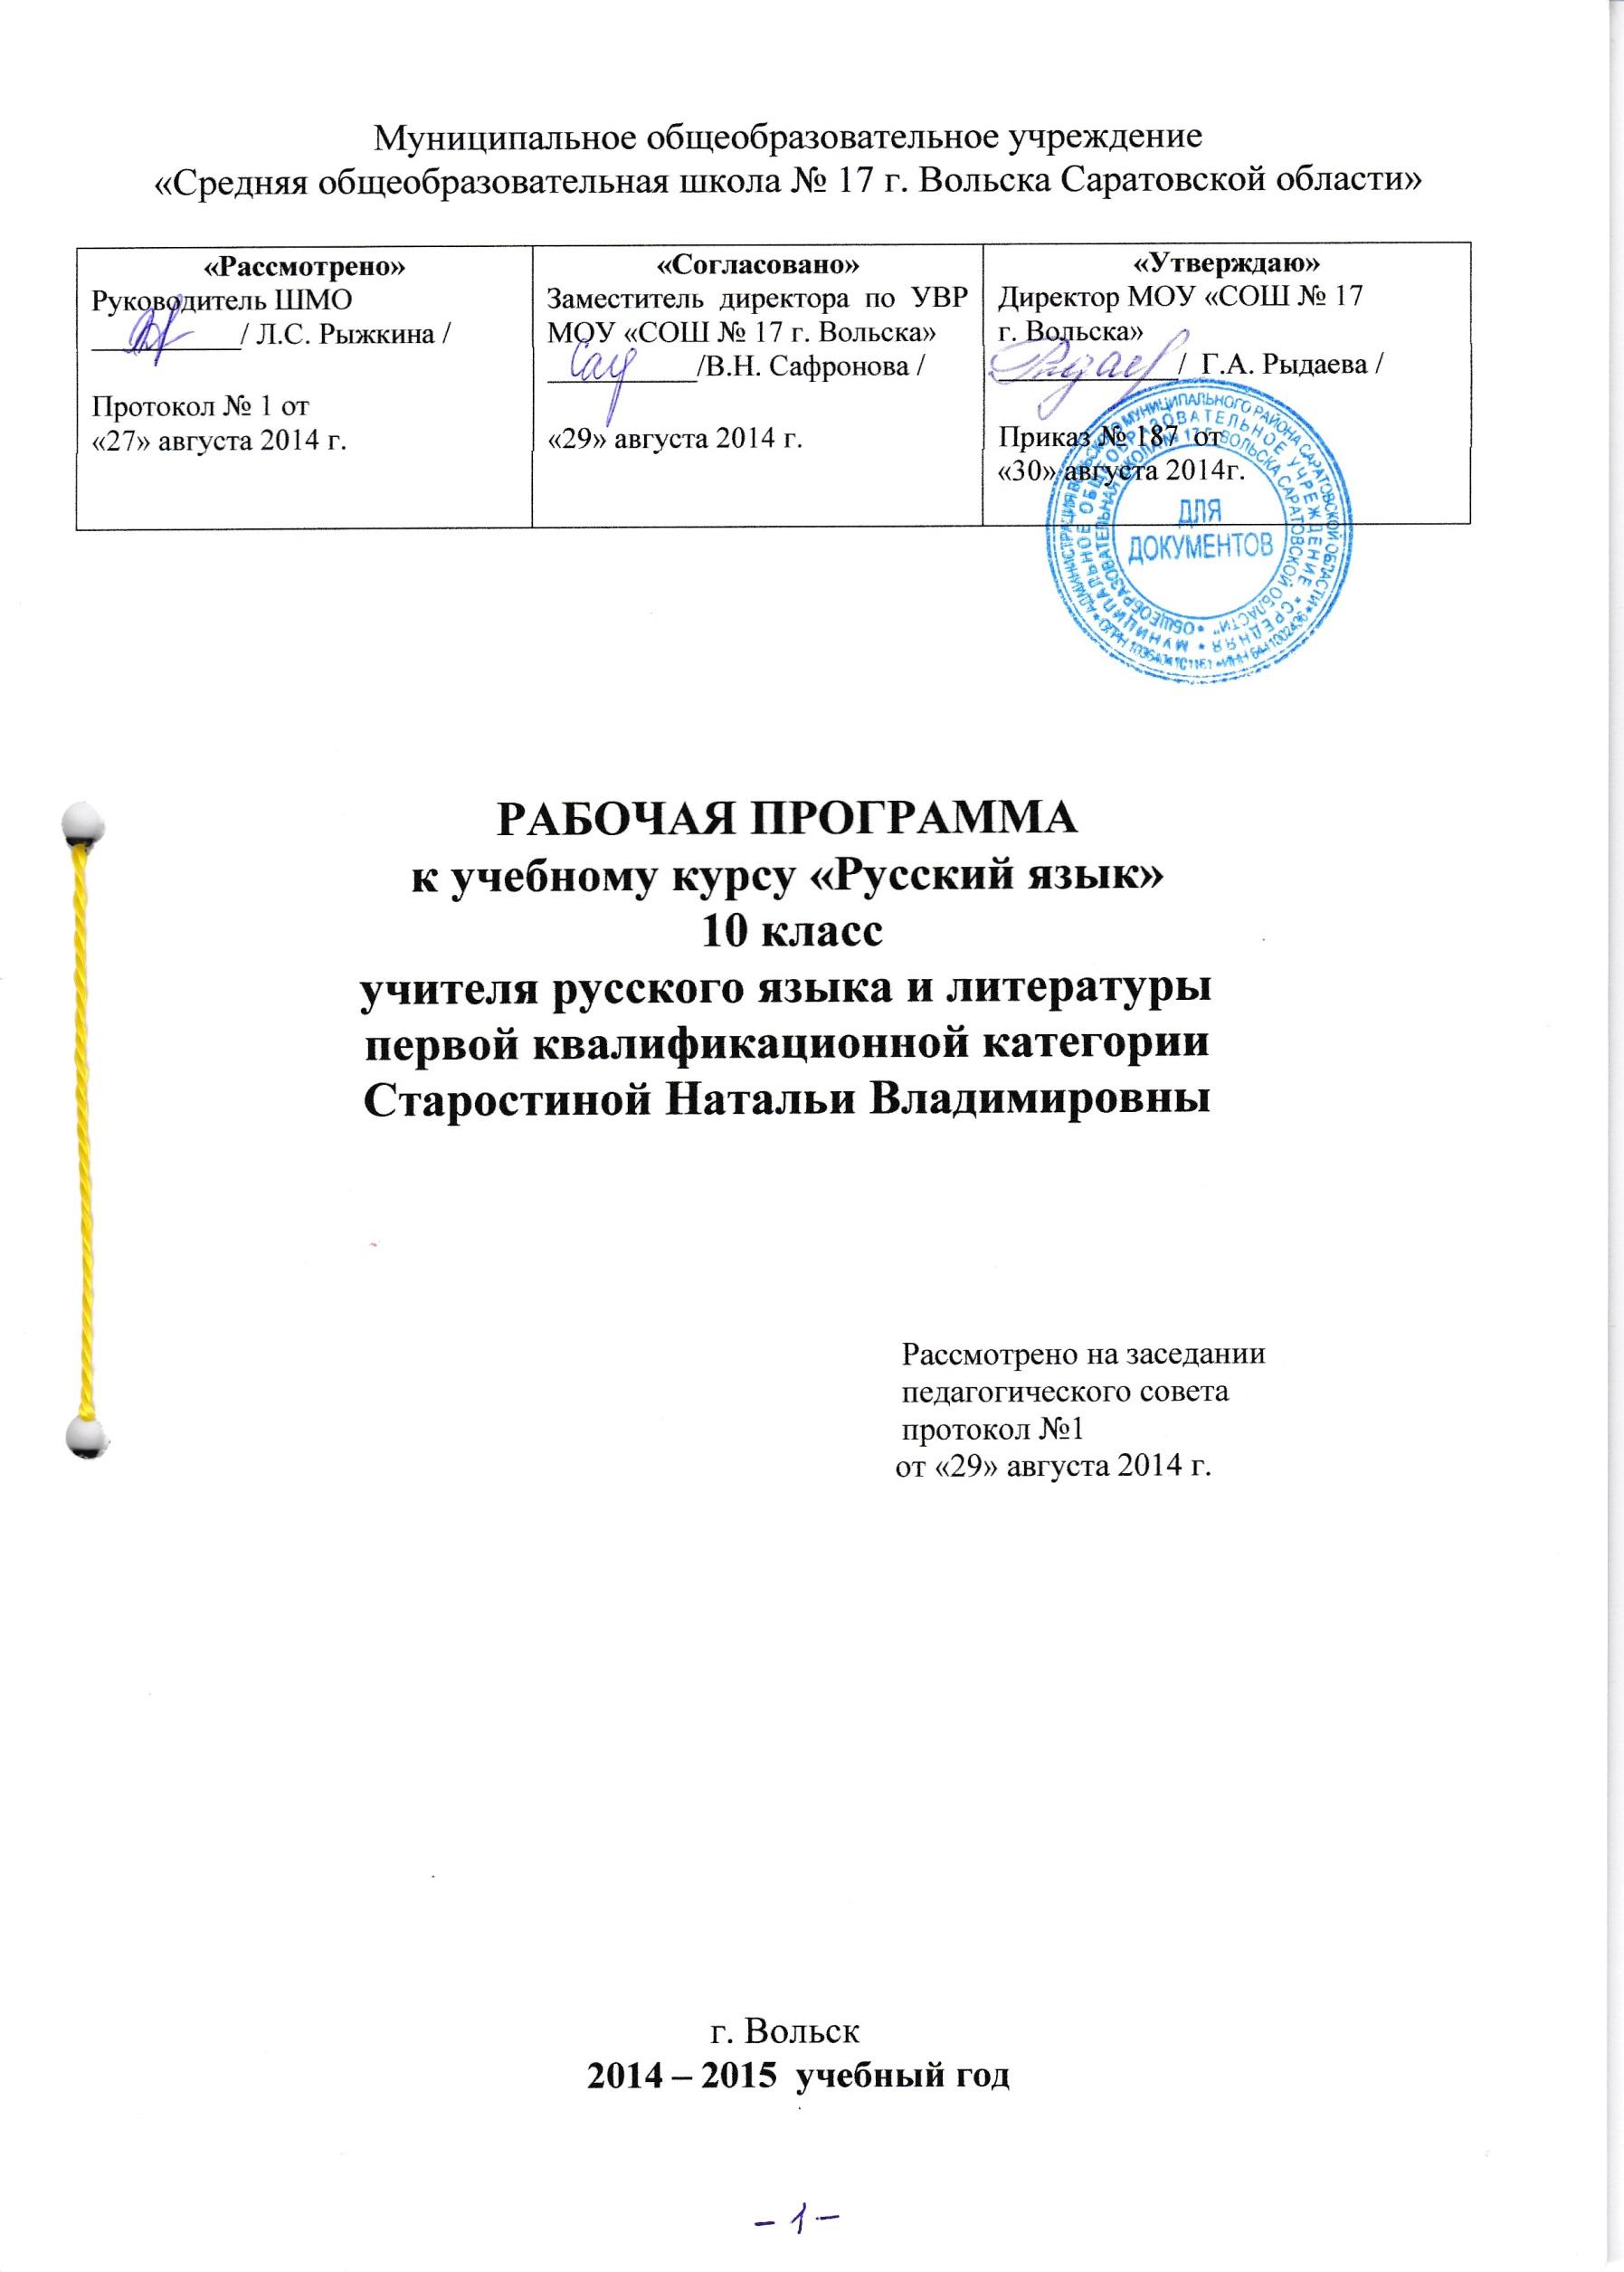 Ю.а.кожин тесты по обществознанию 6 класс изд русское слово м.2004 скачать